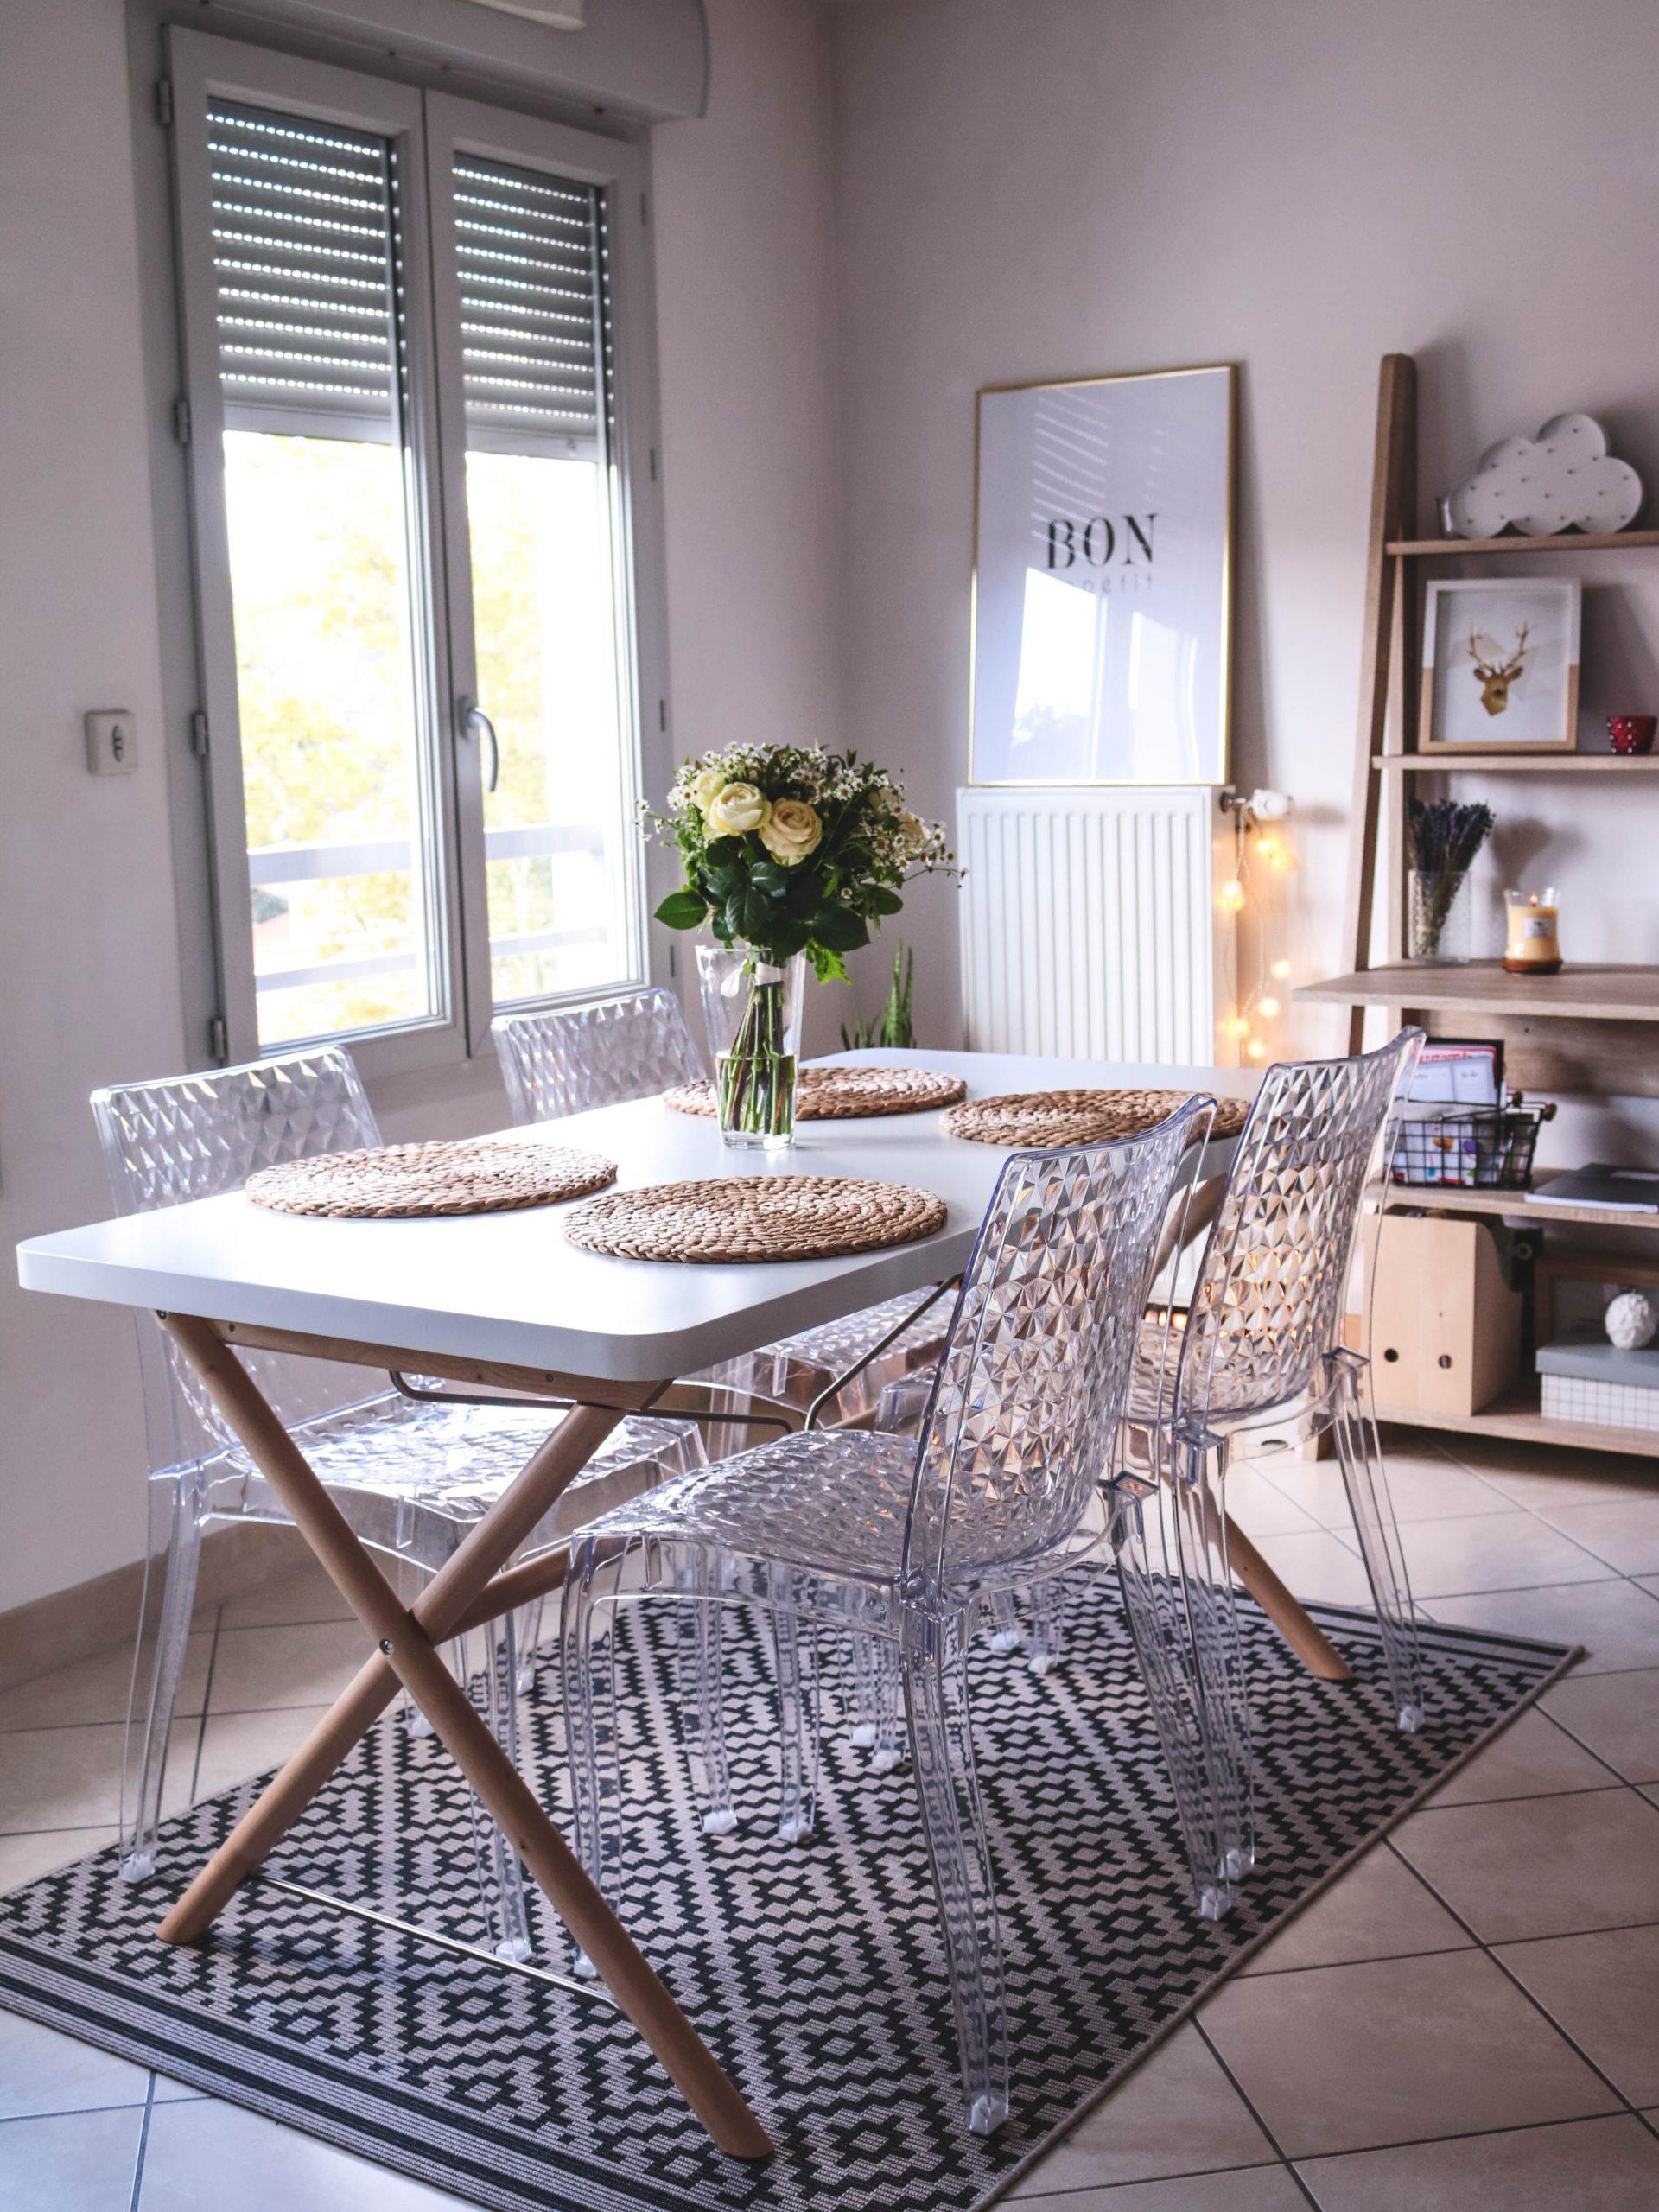 Épinglé Sur My Home - Decoration pour Chaises Transparentes Castorama